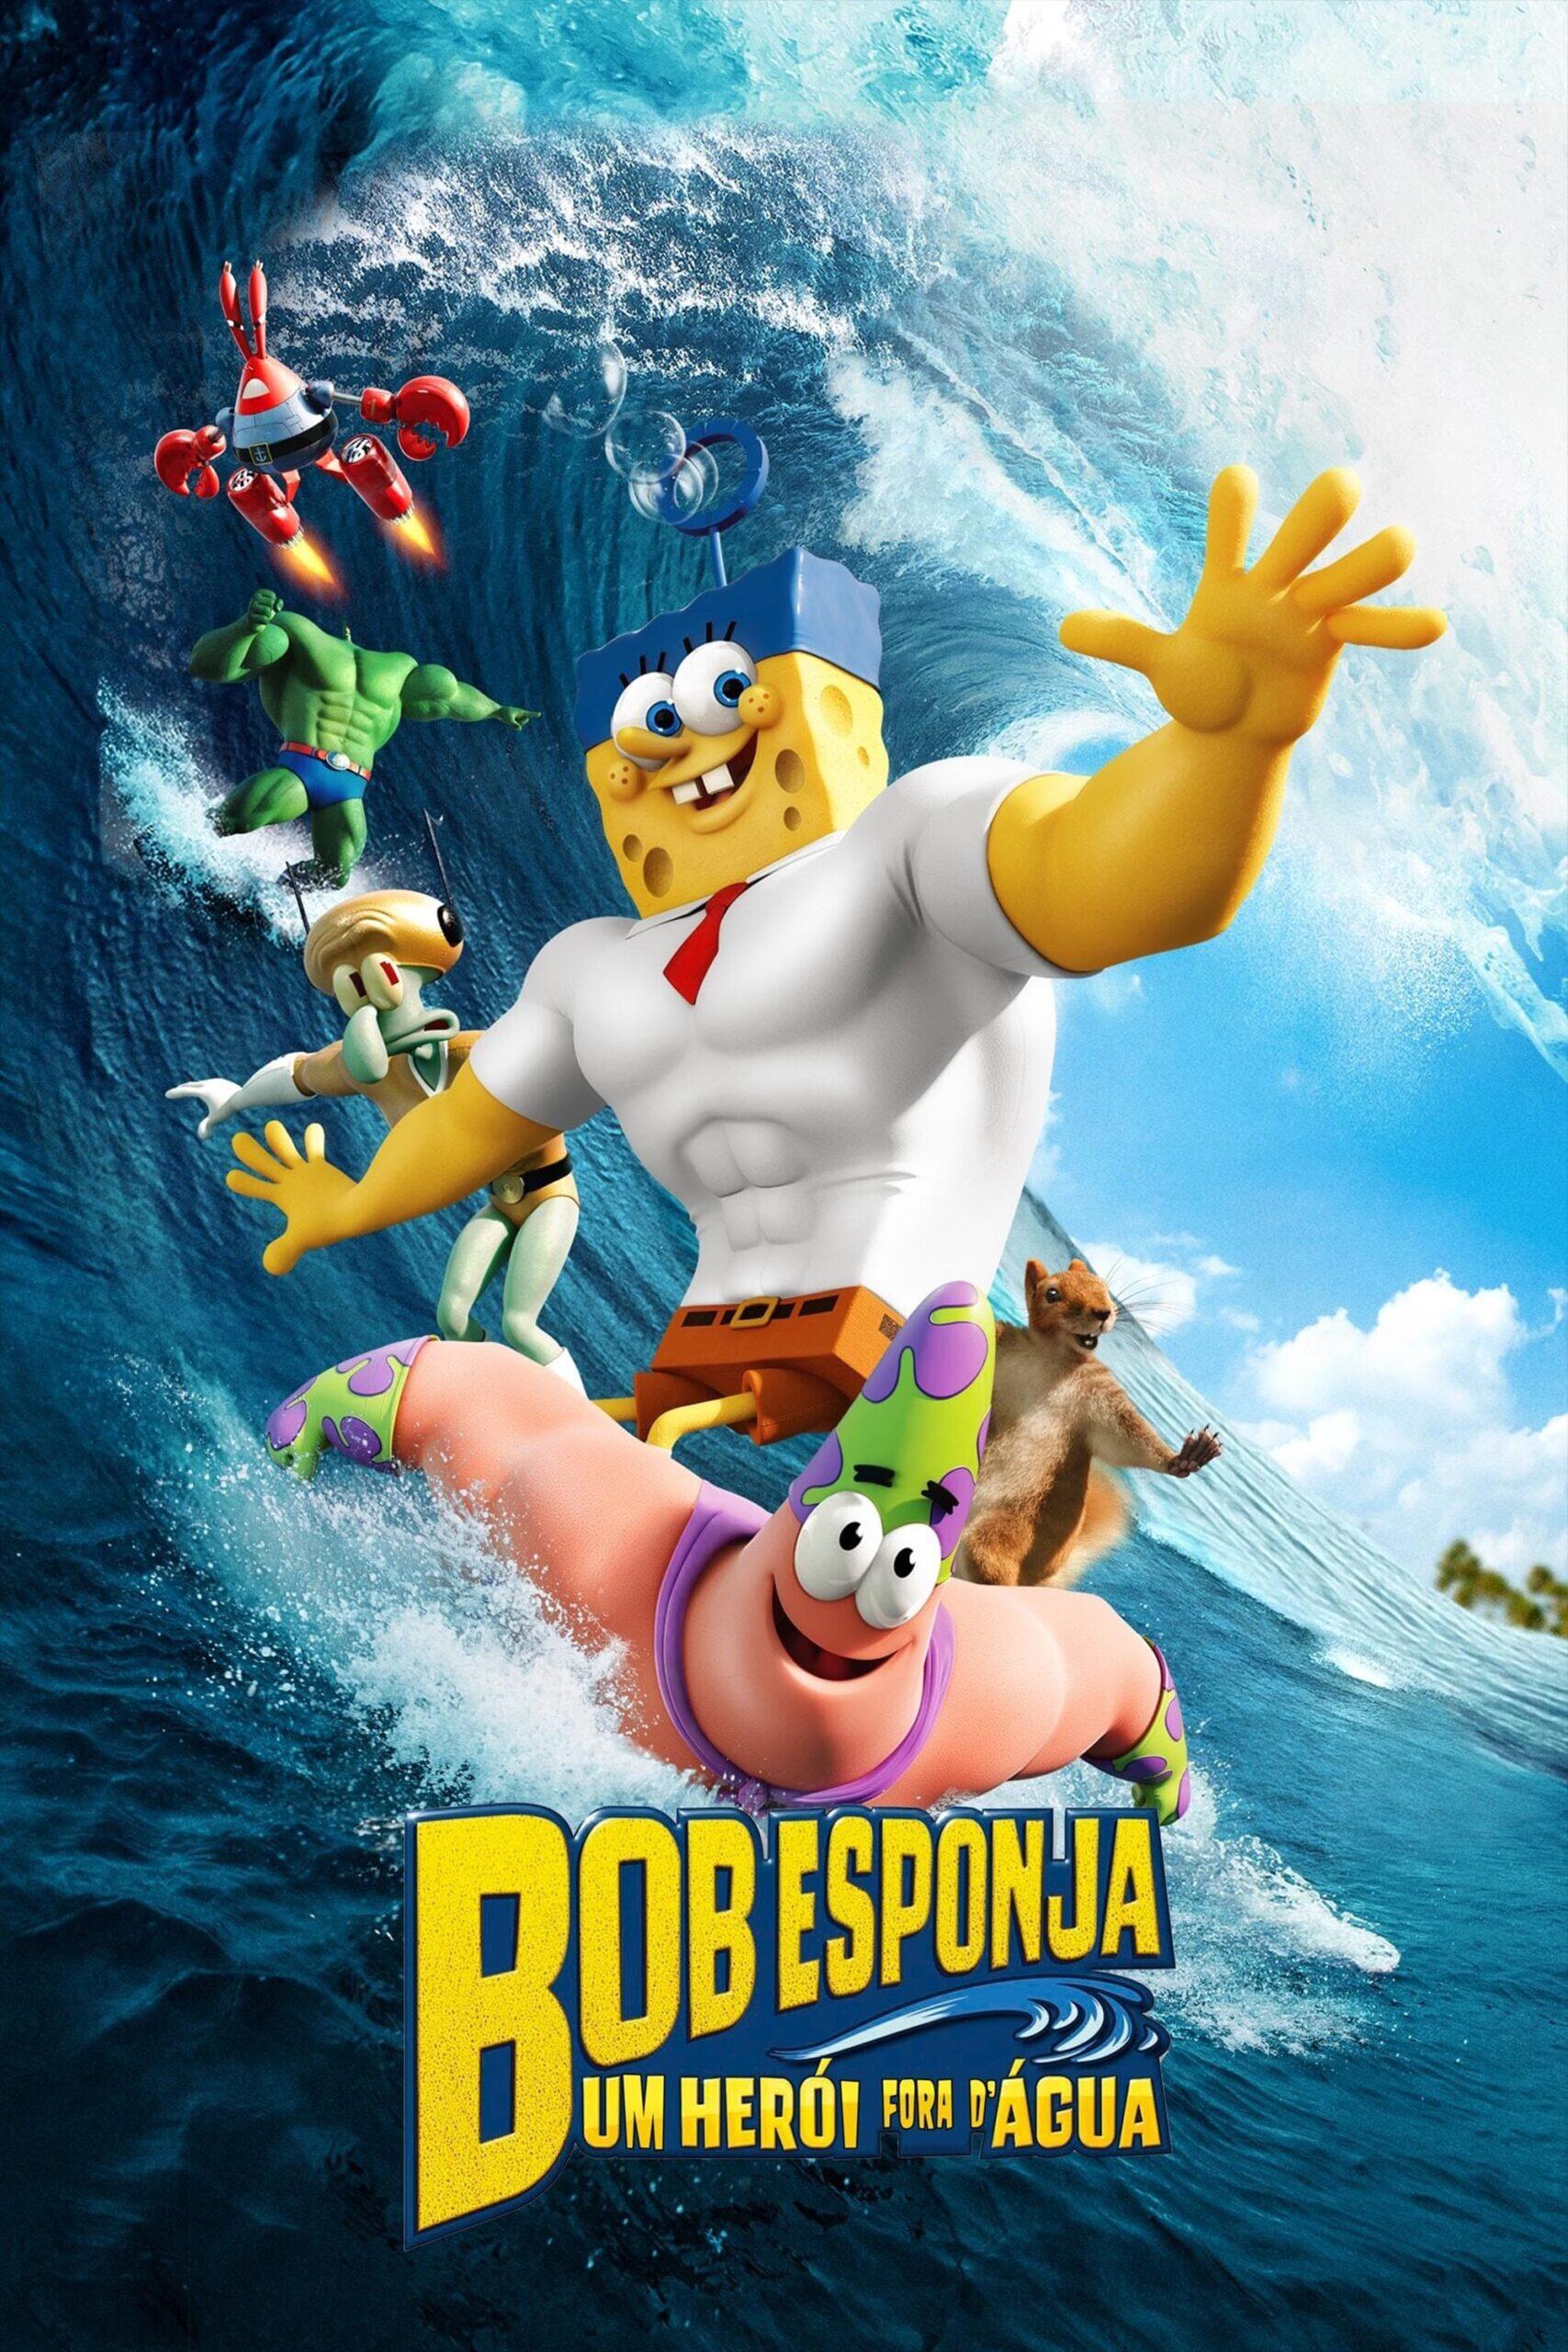 Bob Esponja um herói fora d'água